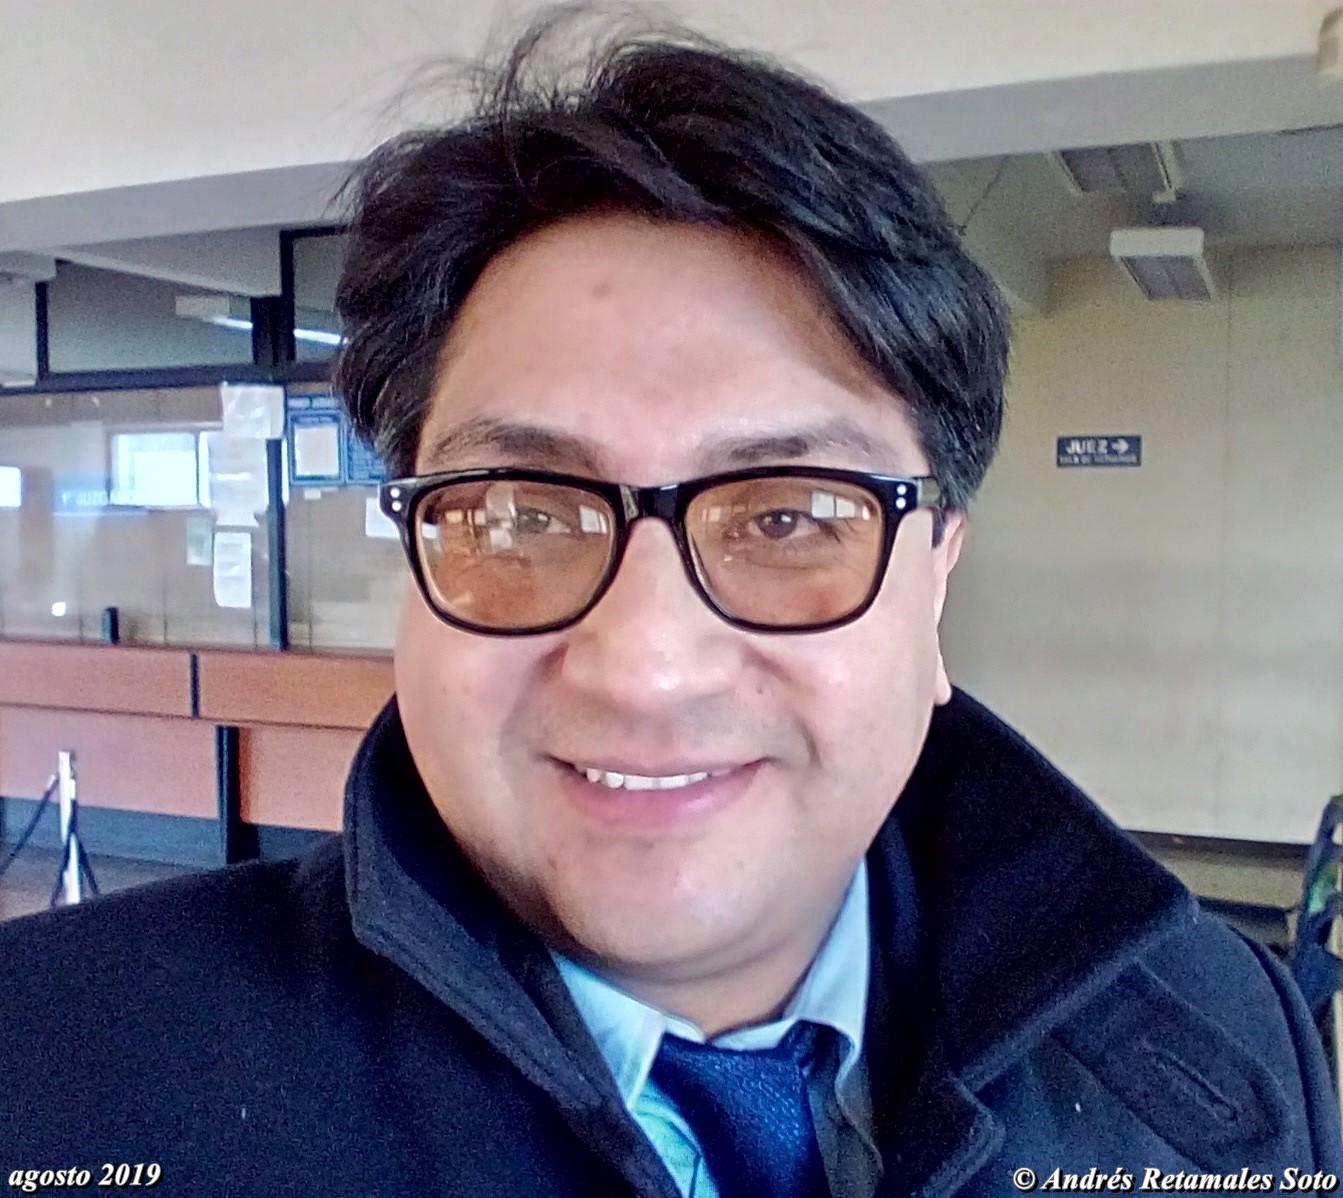 Andrés Retamales, Primer Juzgado de Policía Local de Ñuñoa, Santiago de Chile, agosto 2019. ⚖️🆑